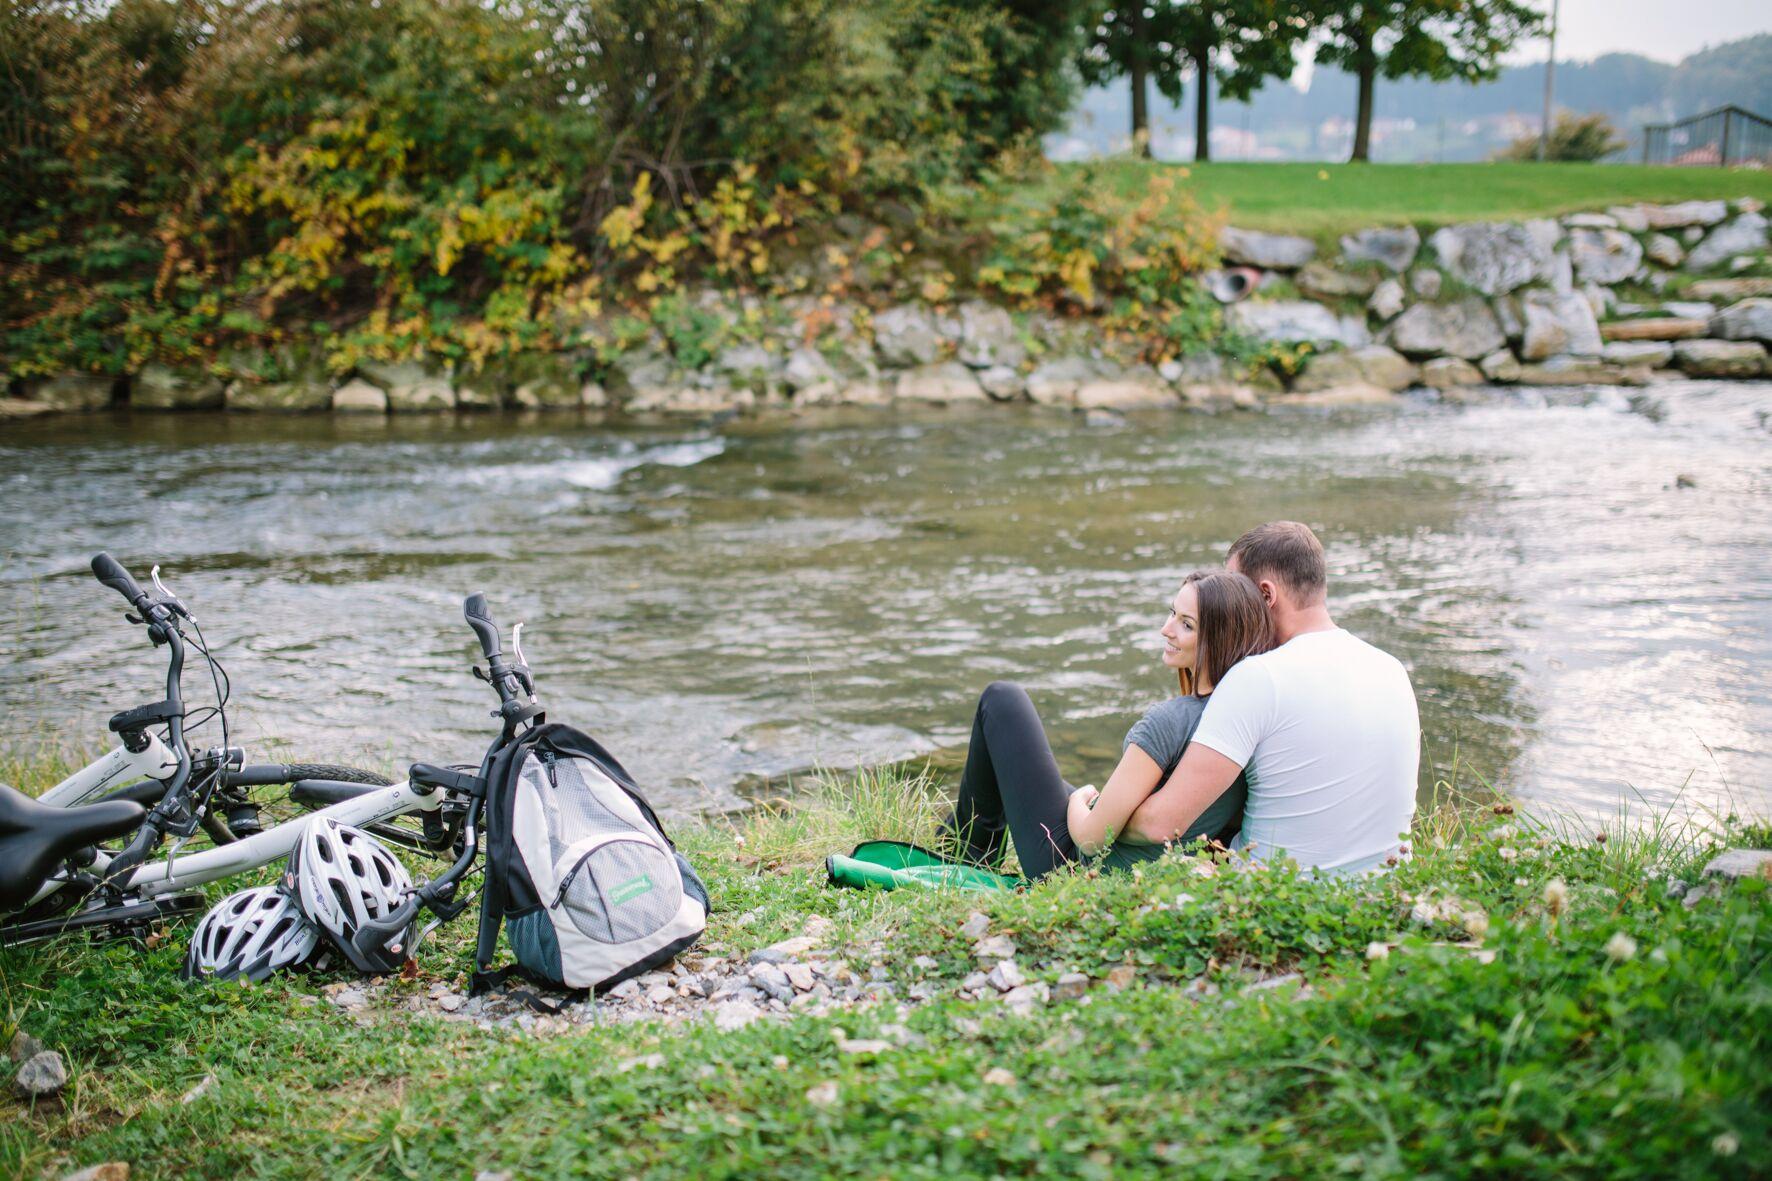 Raabtalradweg - Radfahren in der Steiermark